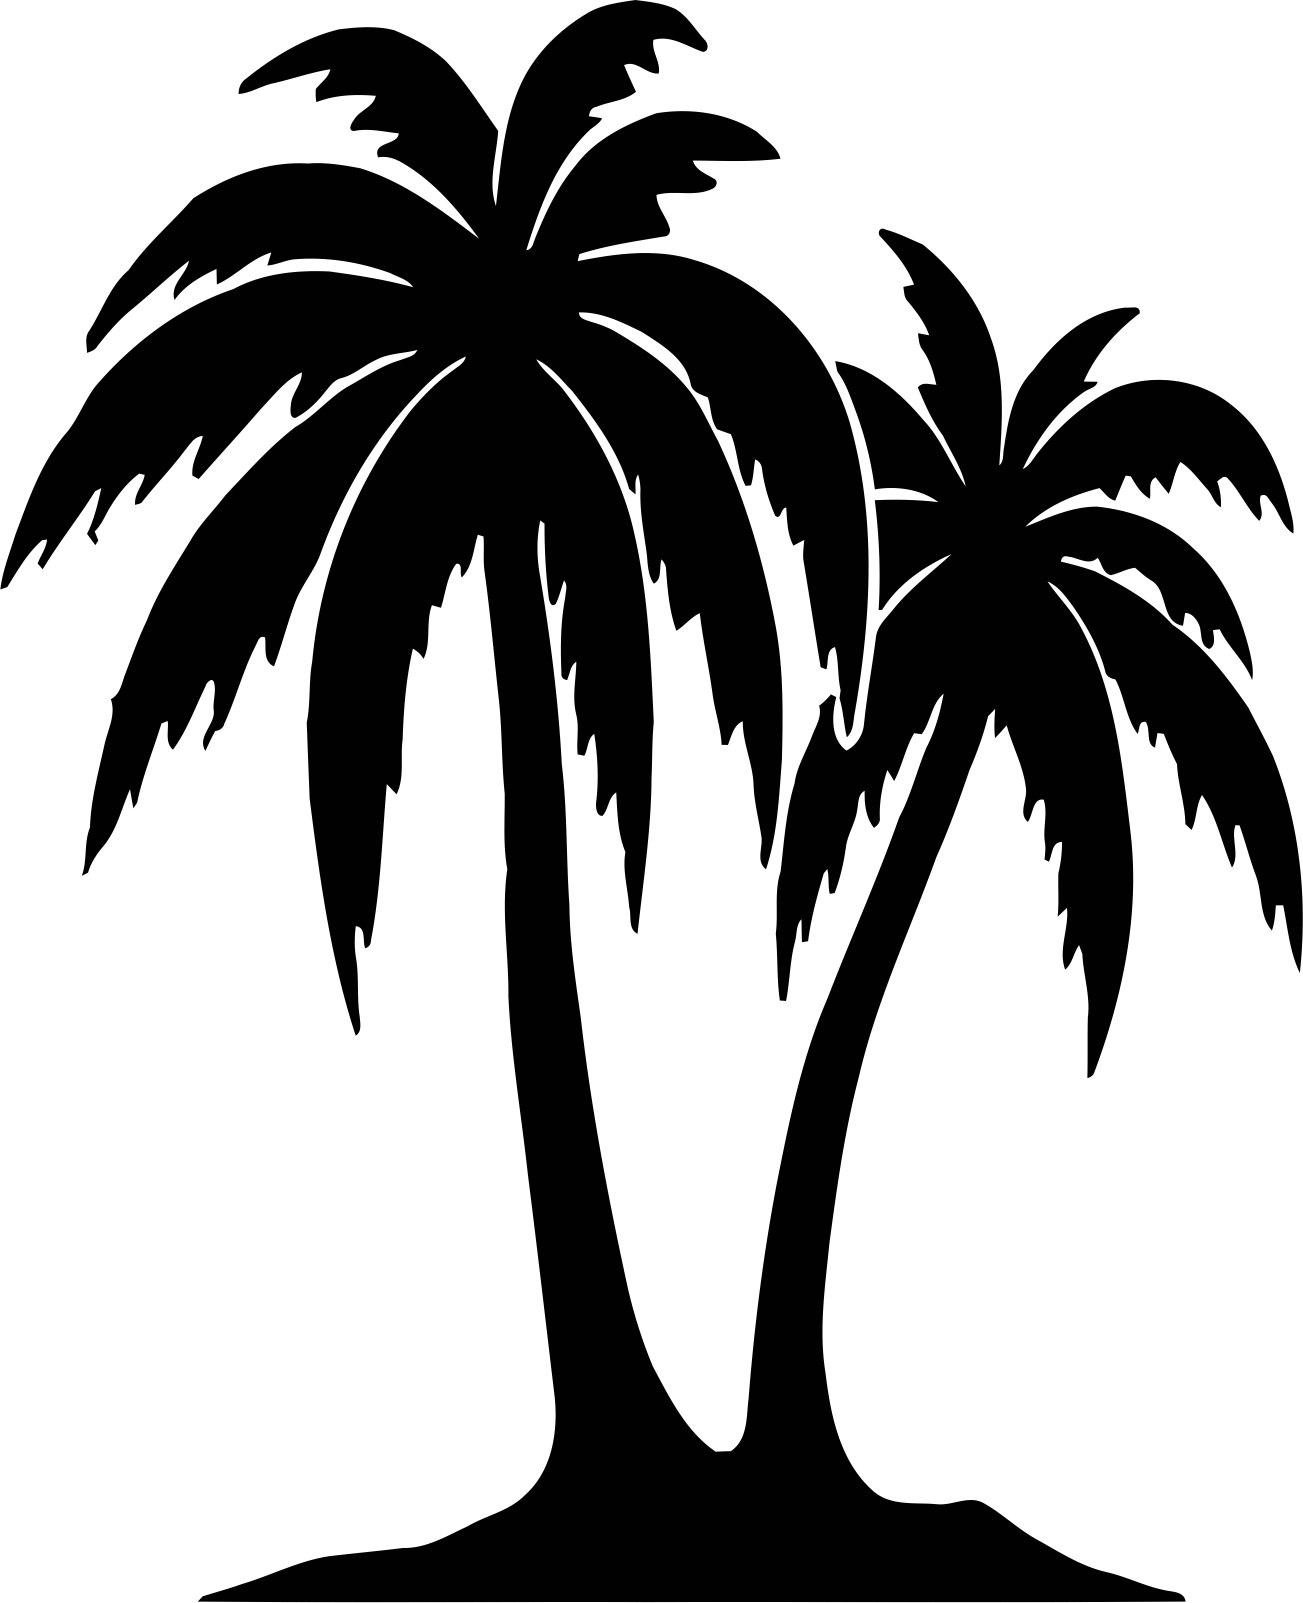 tree vinyl decals vector free vector cdr download 3axisco